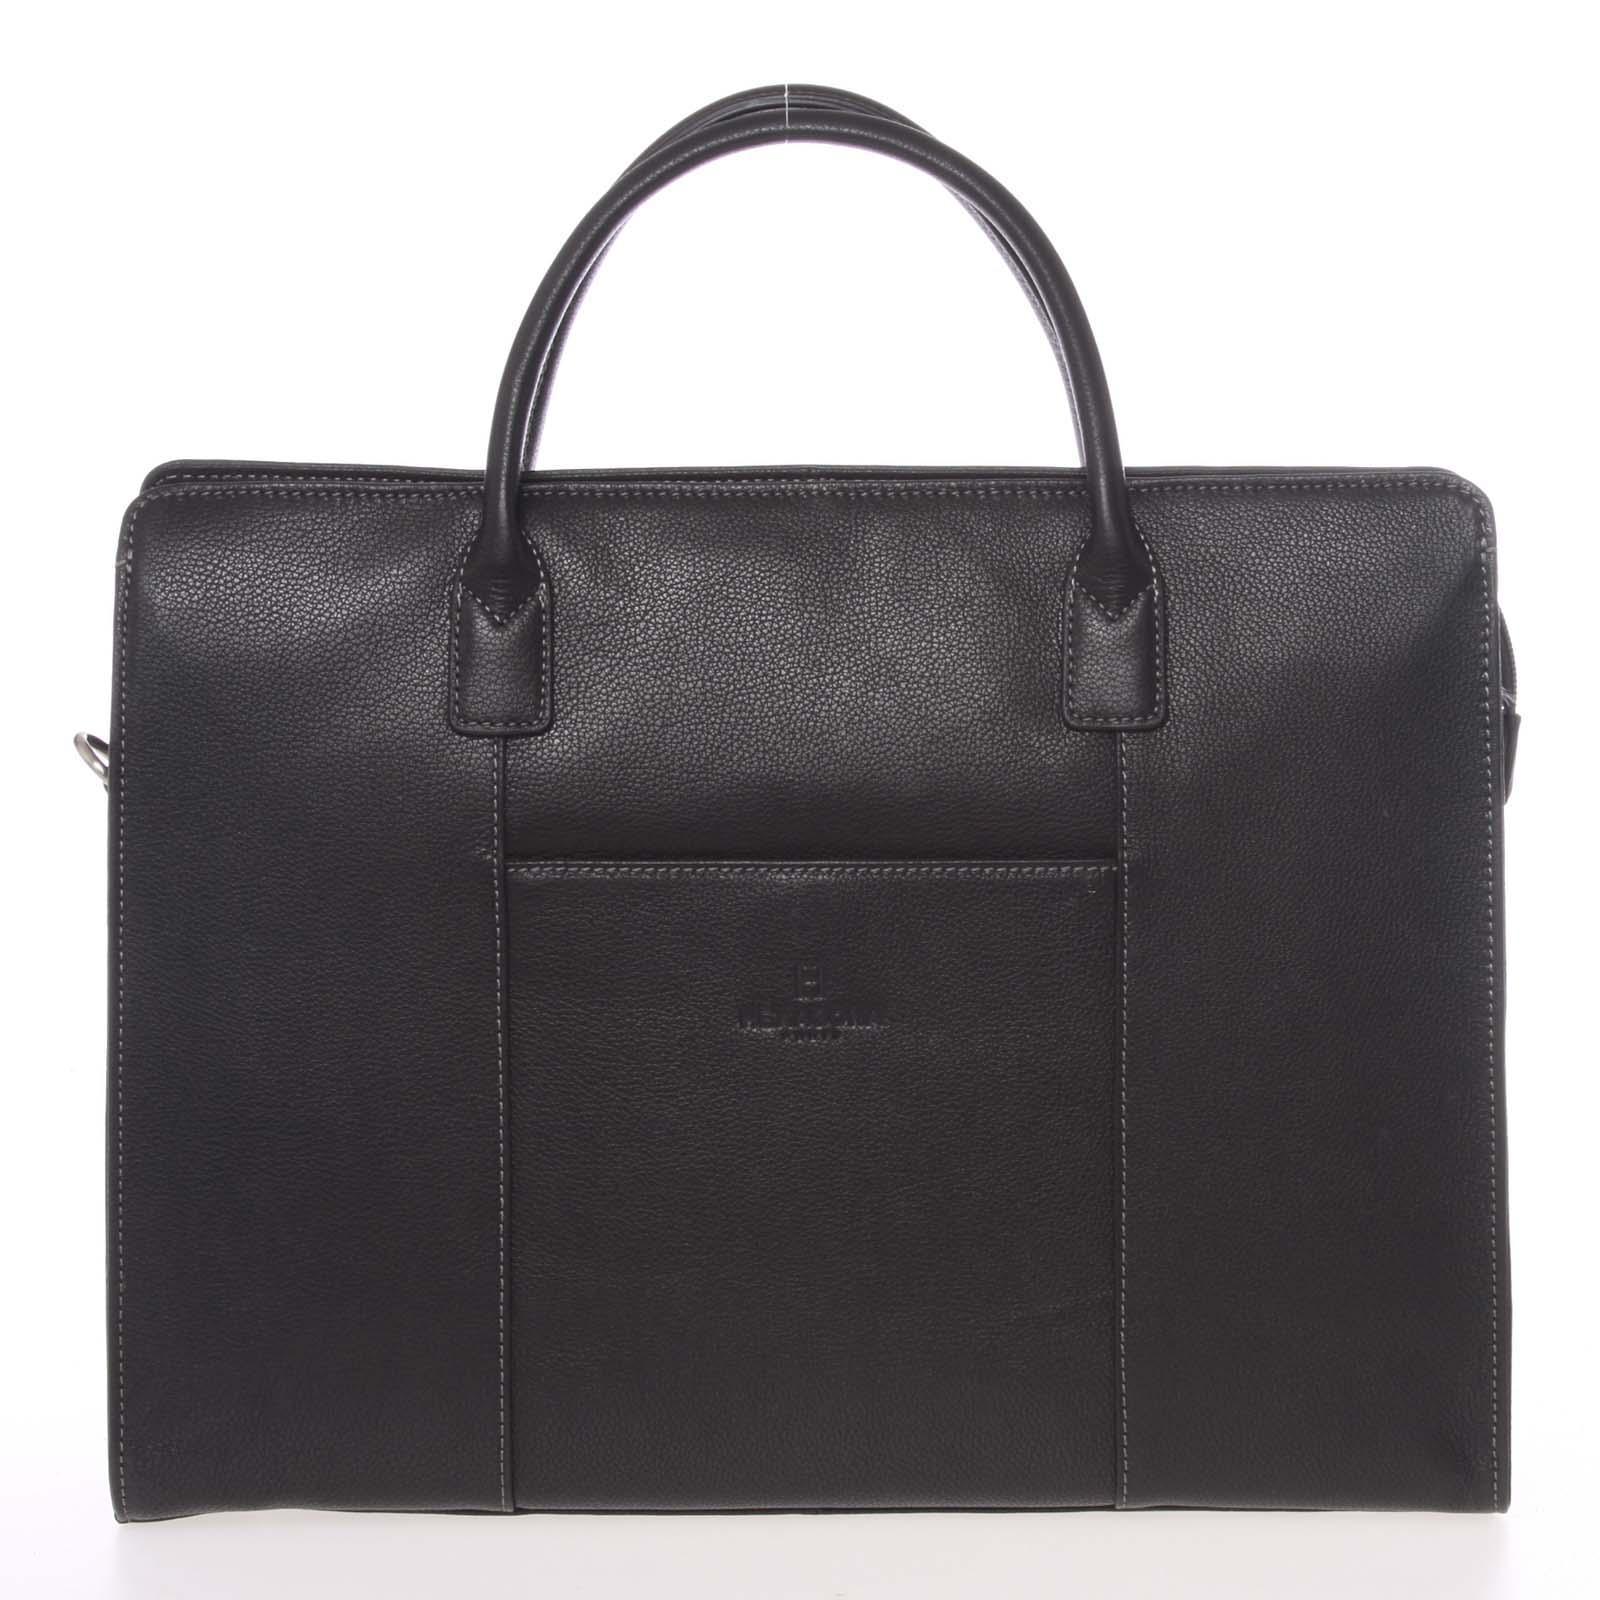 Dámska kabelka čierna kožená - Hexagona 462698 čierna